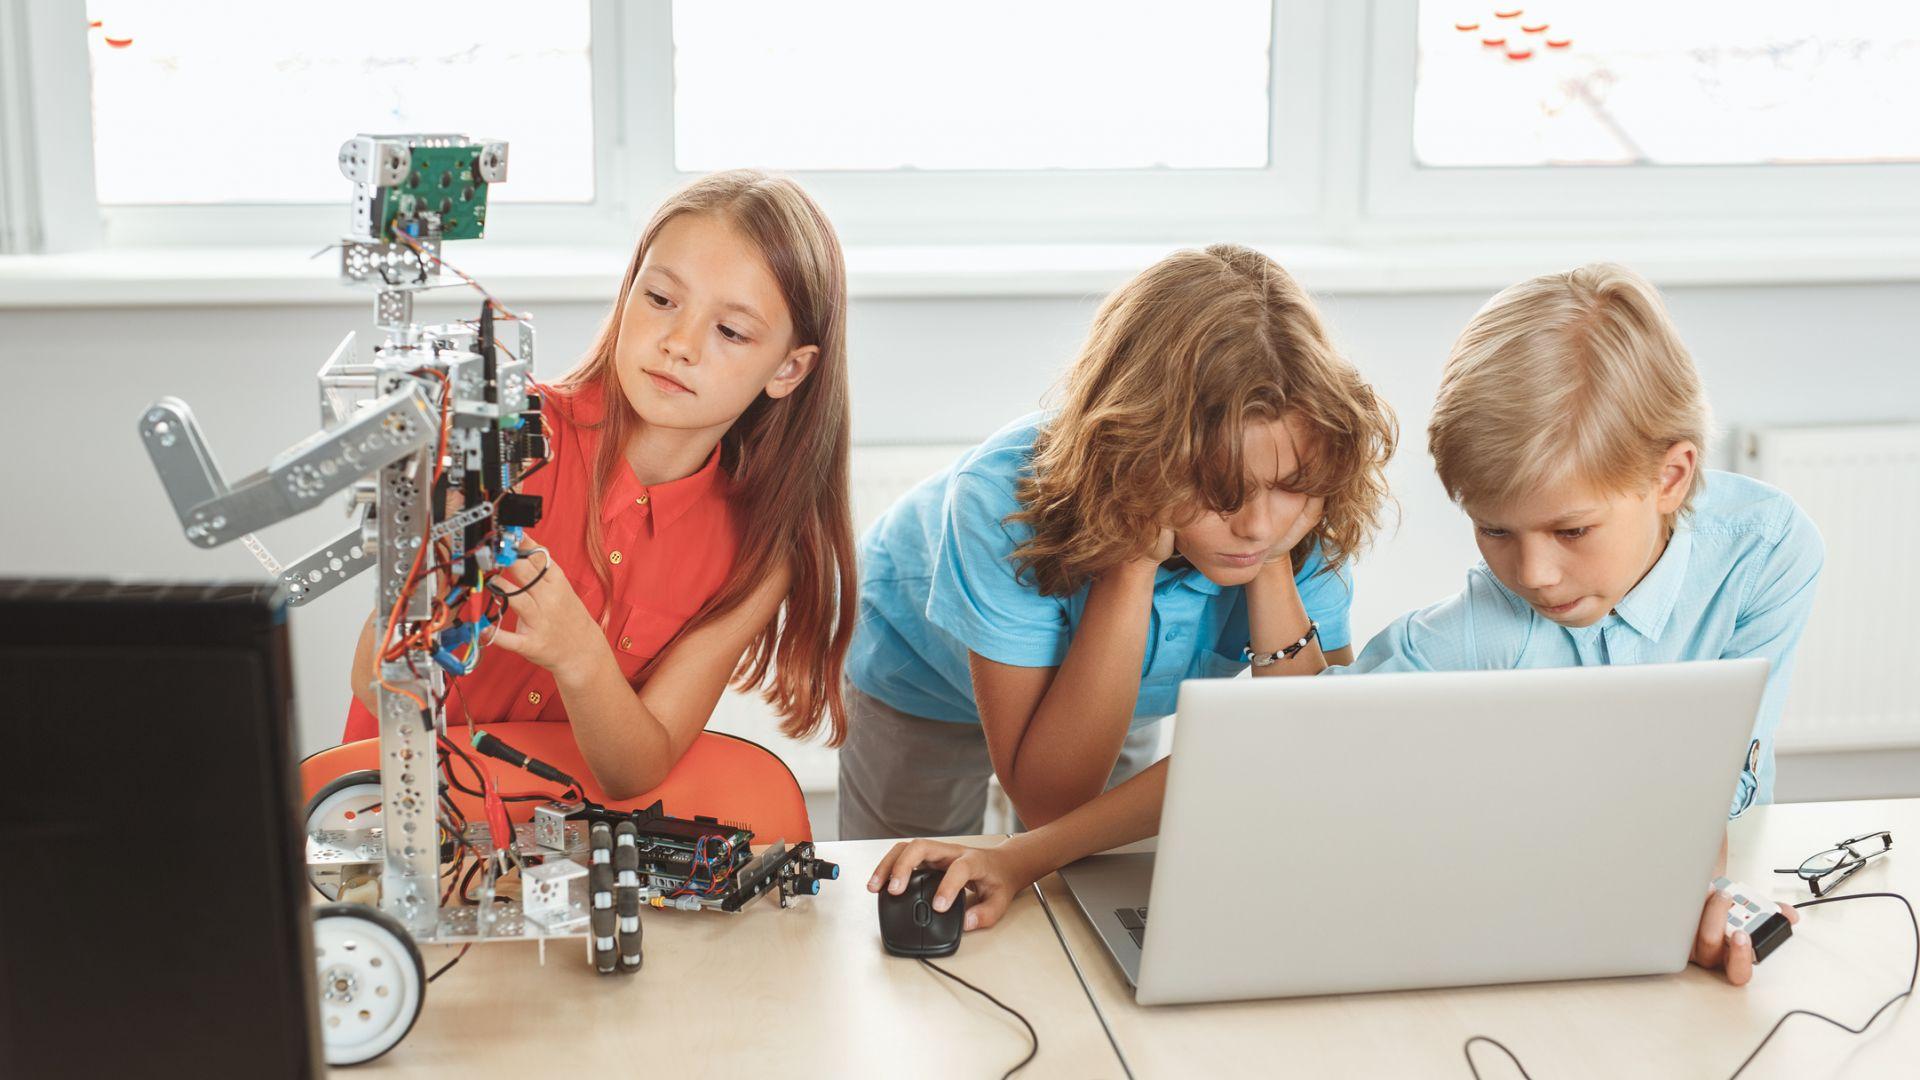 Може да потърсите и запишете детето си на курсове по роботика за подрастващи